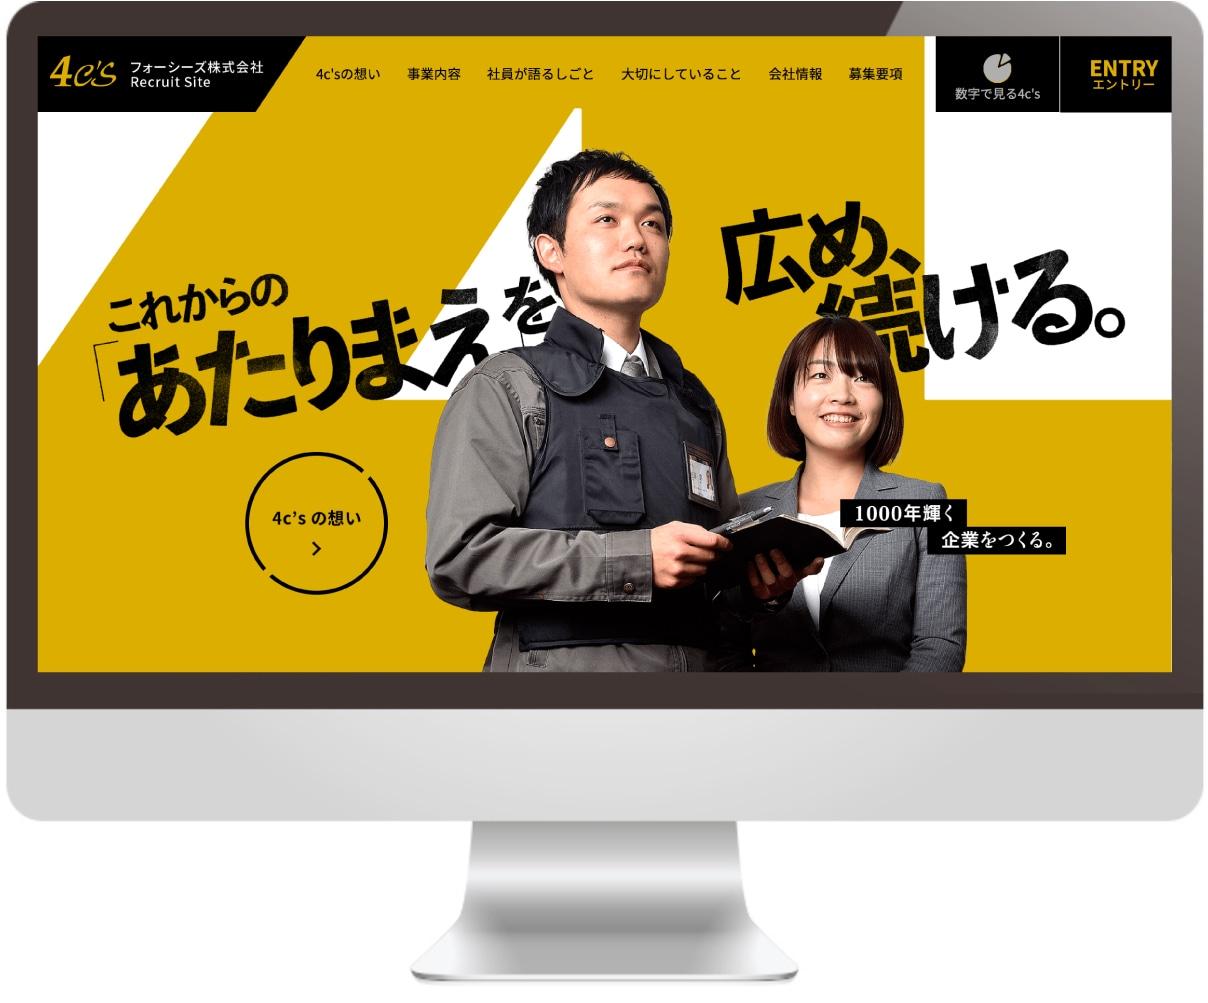 フォーシーズ株式会社 様|採用サイト